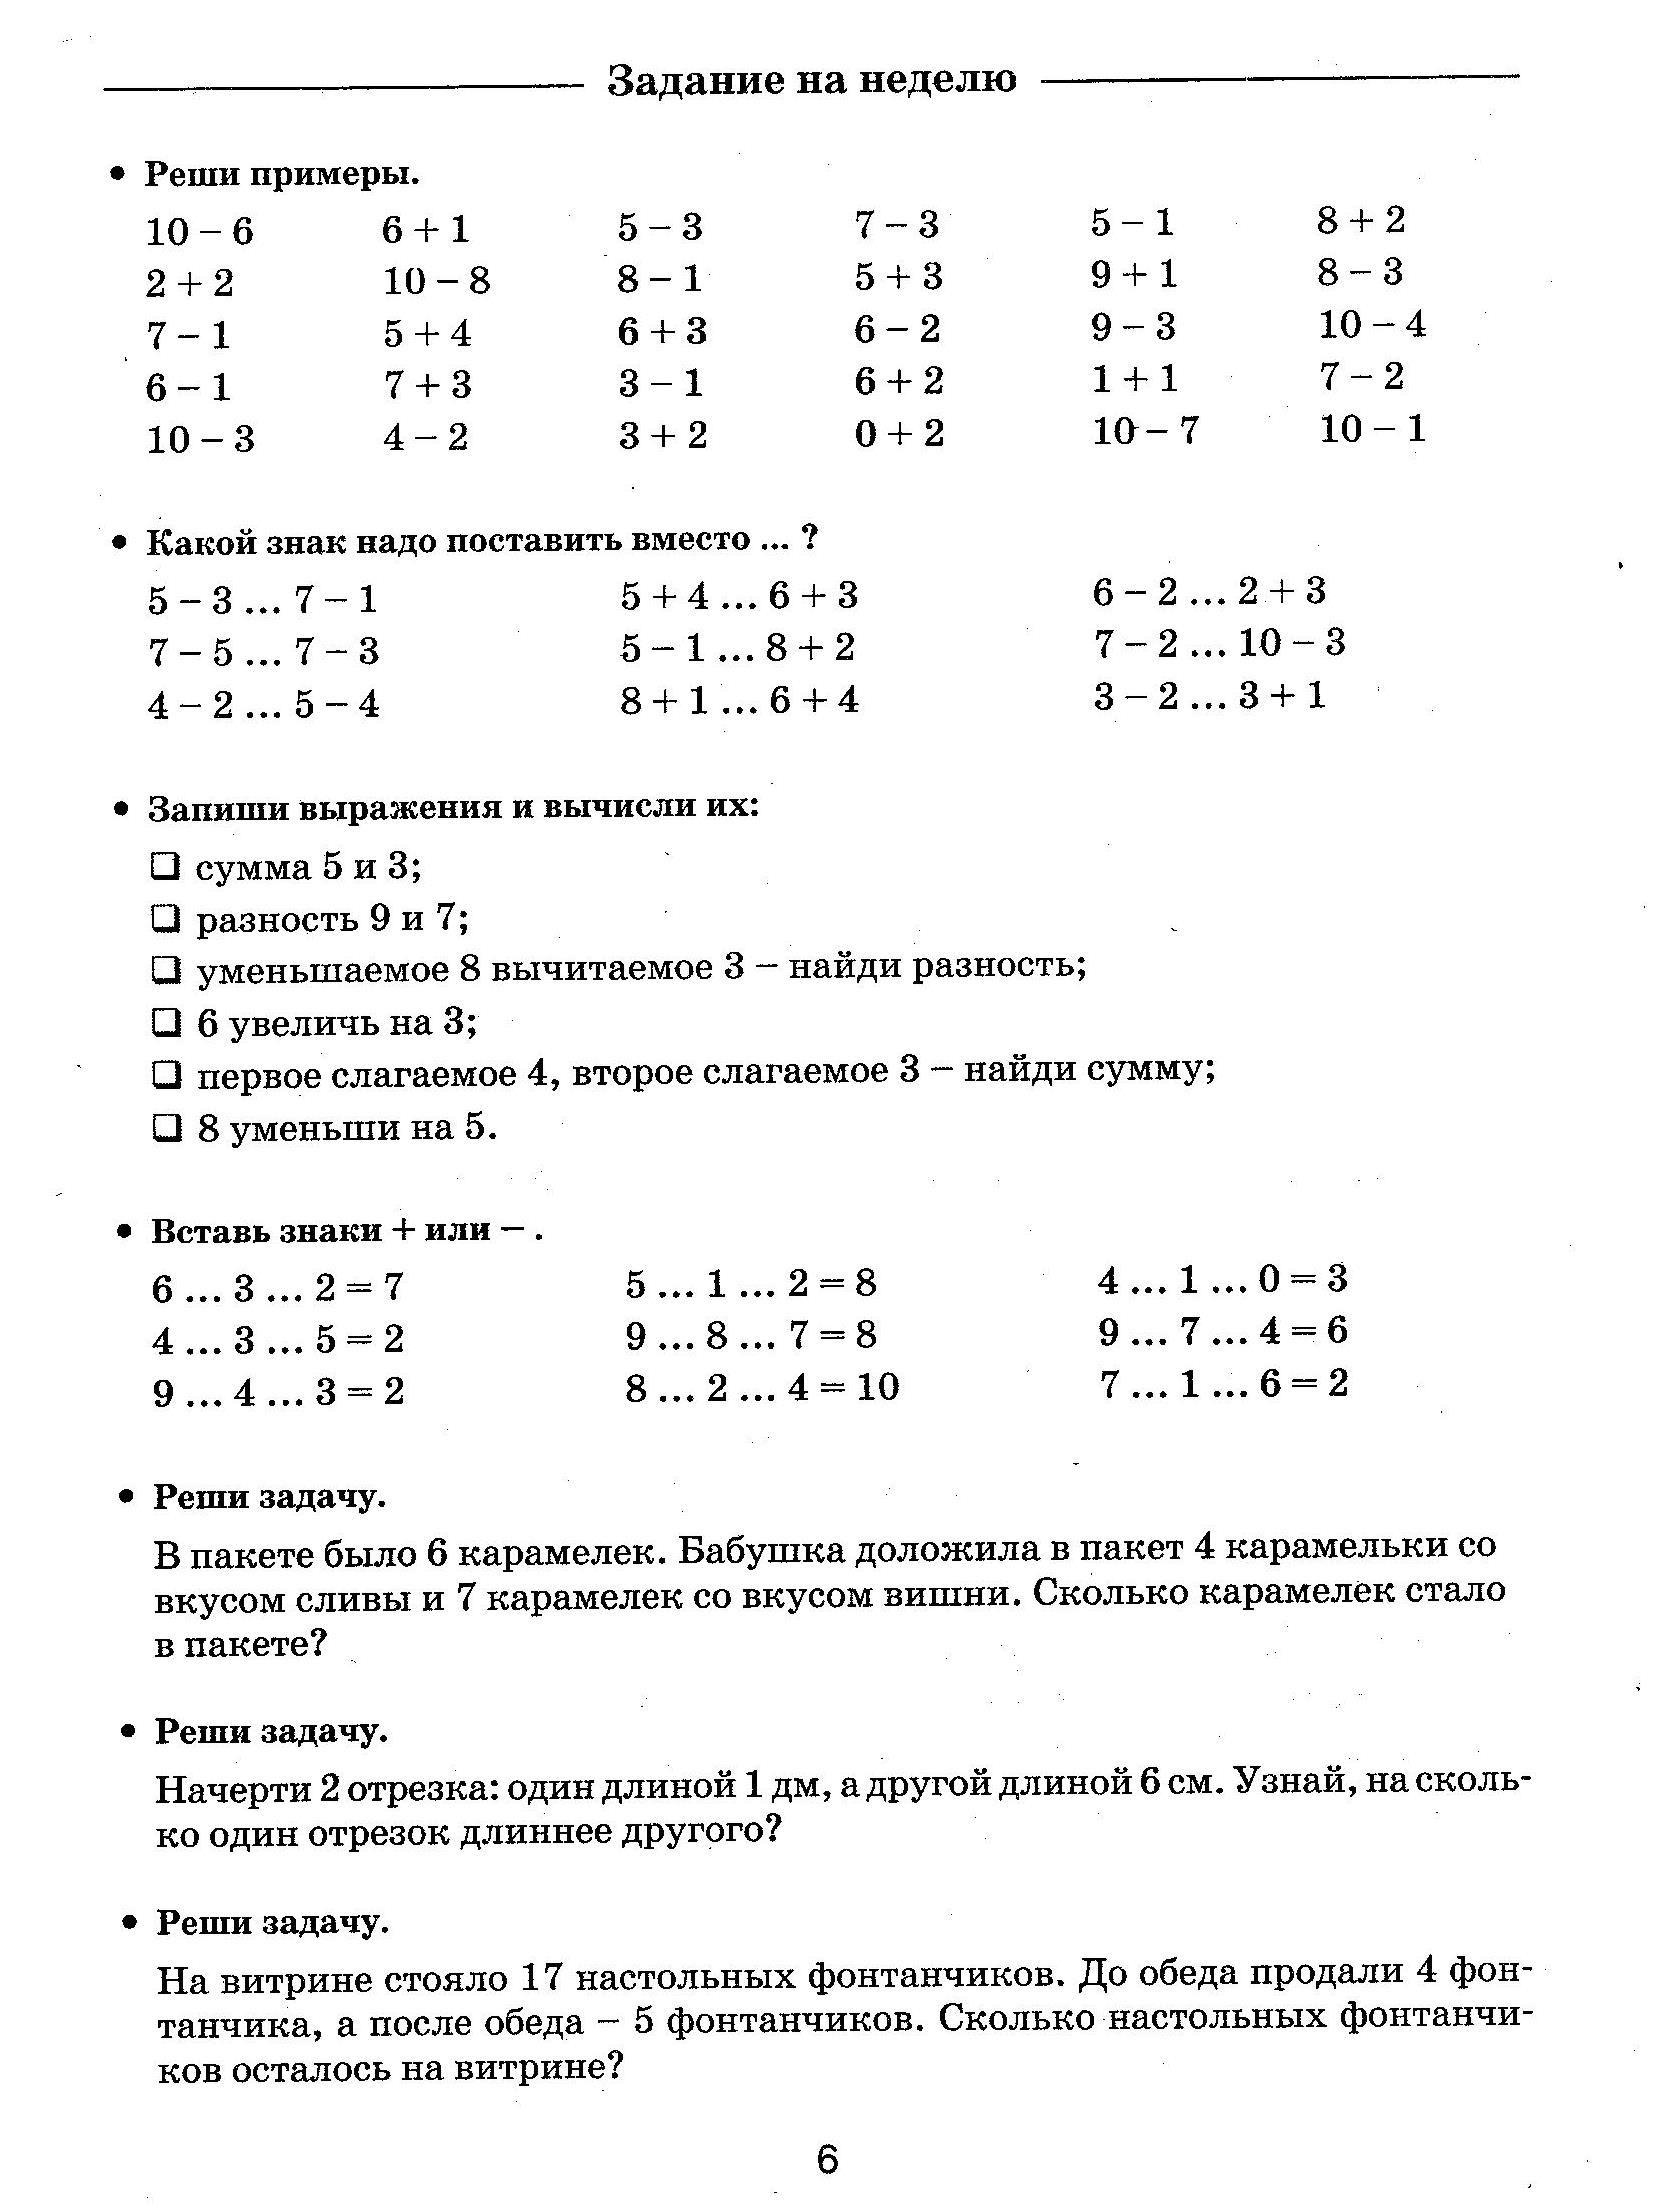 Решебник По Математике Задания На Лето Иду В 5 Класс